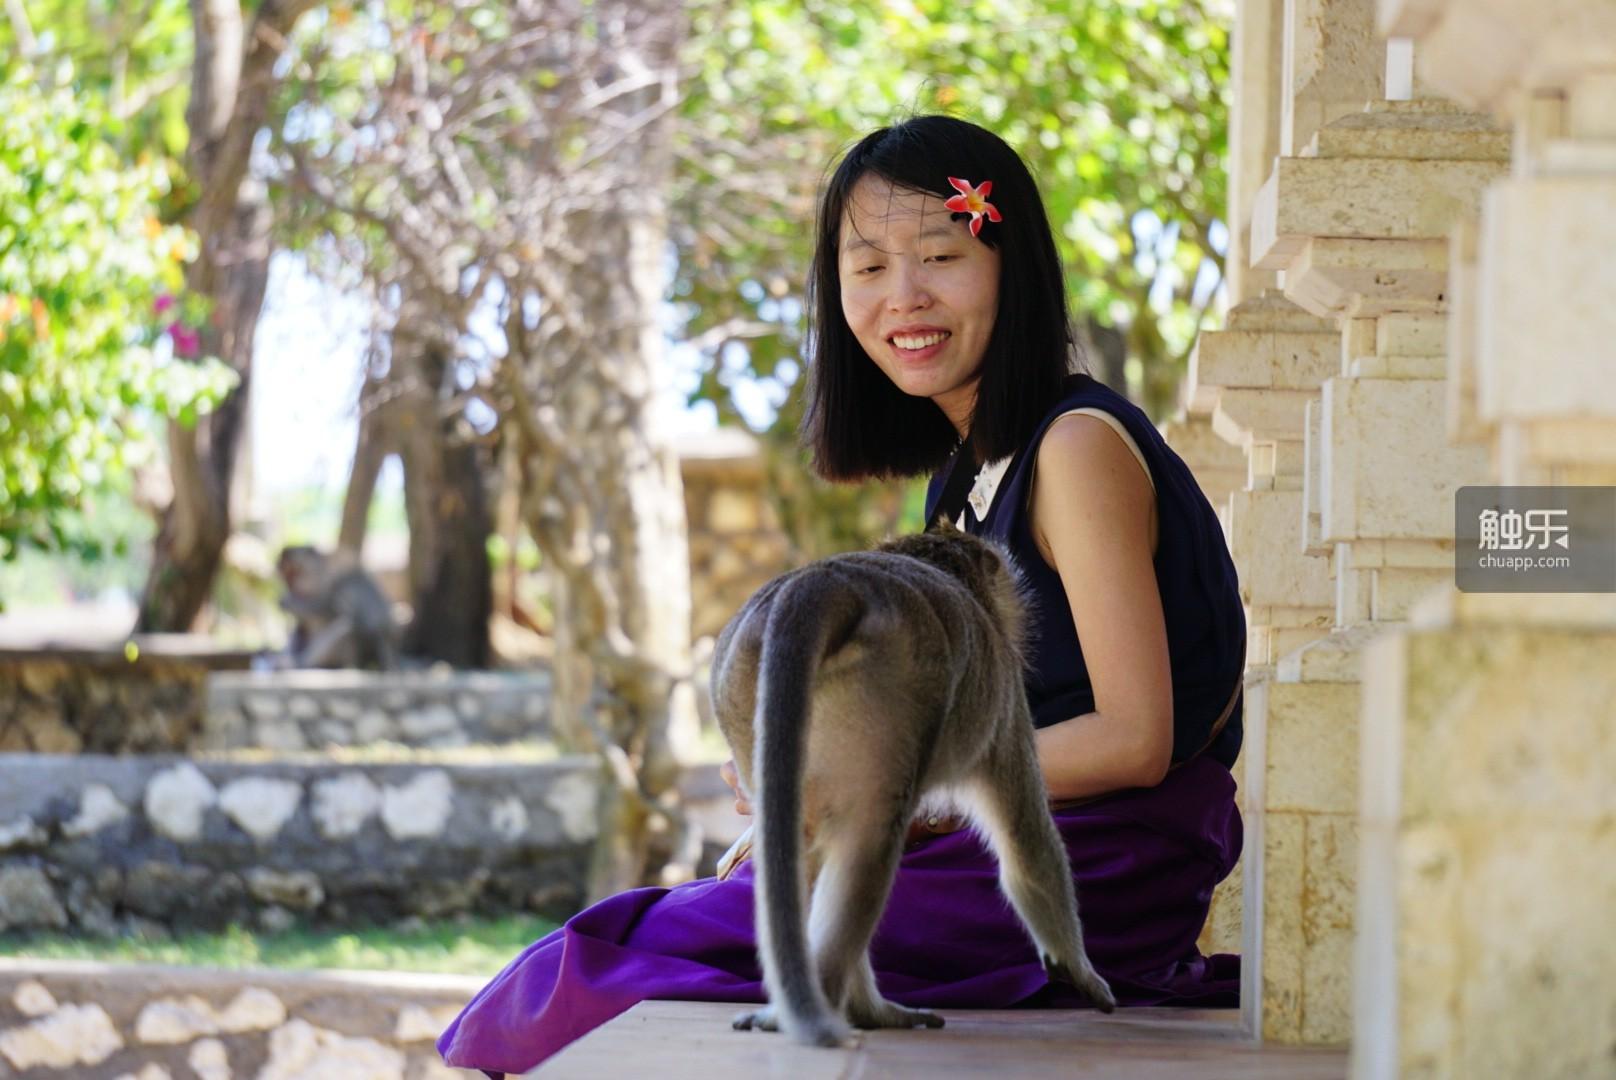 淡定地和小猴子打招呼